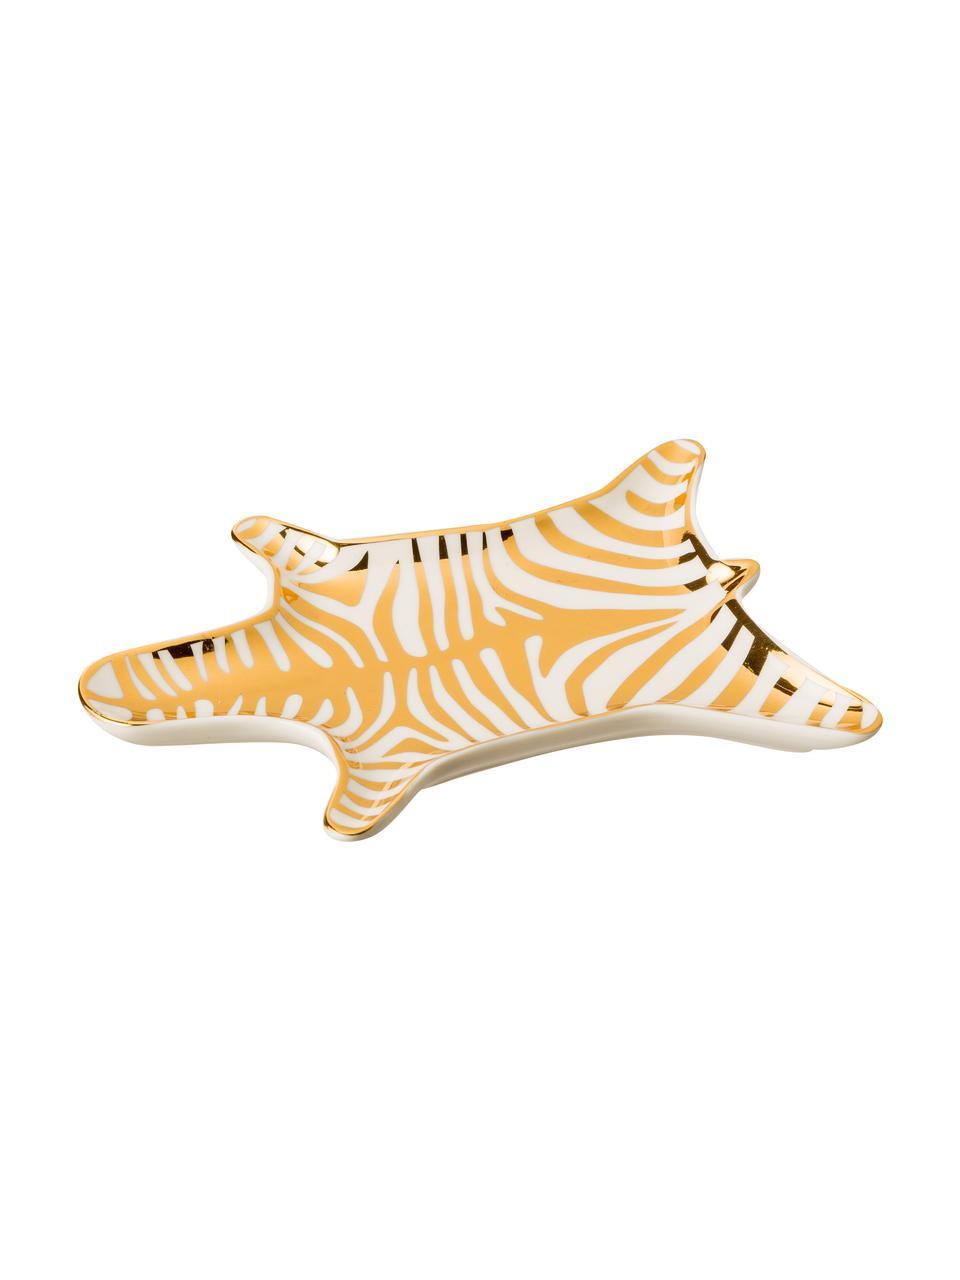 Coupelle décorative design Zebra en porcelaine, Couleur dorée, blanc